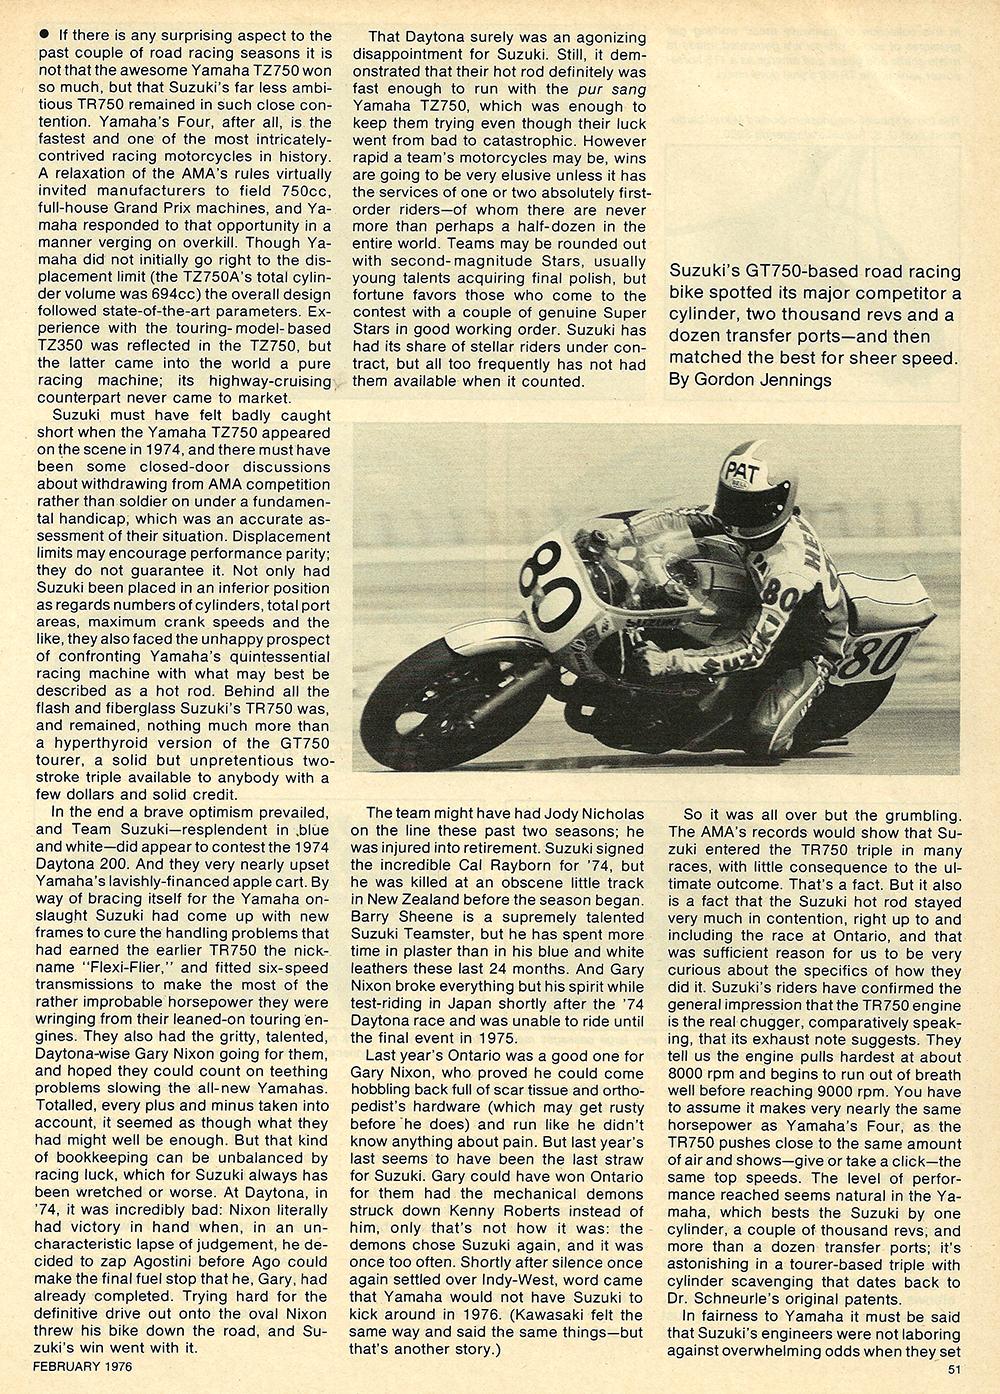 1976 Suzuki TR750 02.jpg